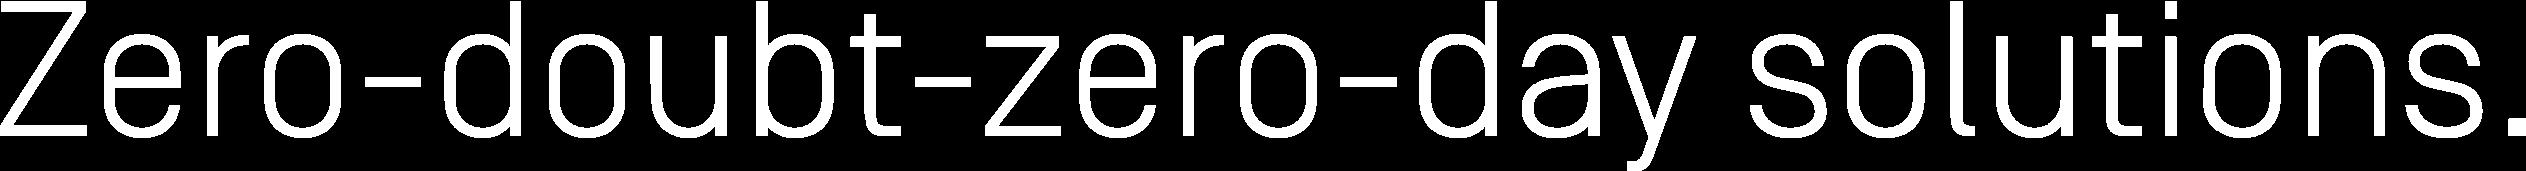 OPSWAT headline Zero-doubt-zero-day solutions.